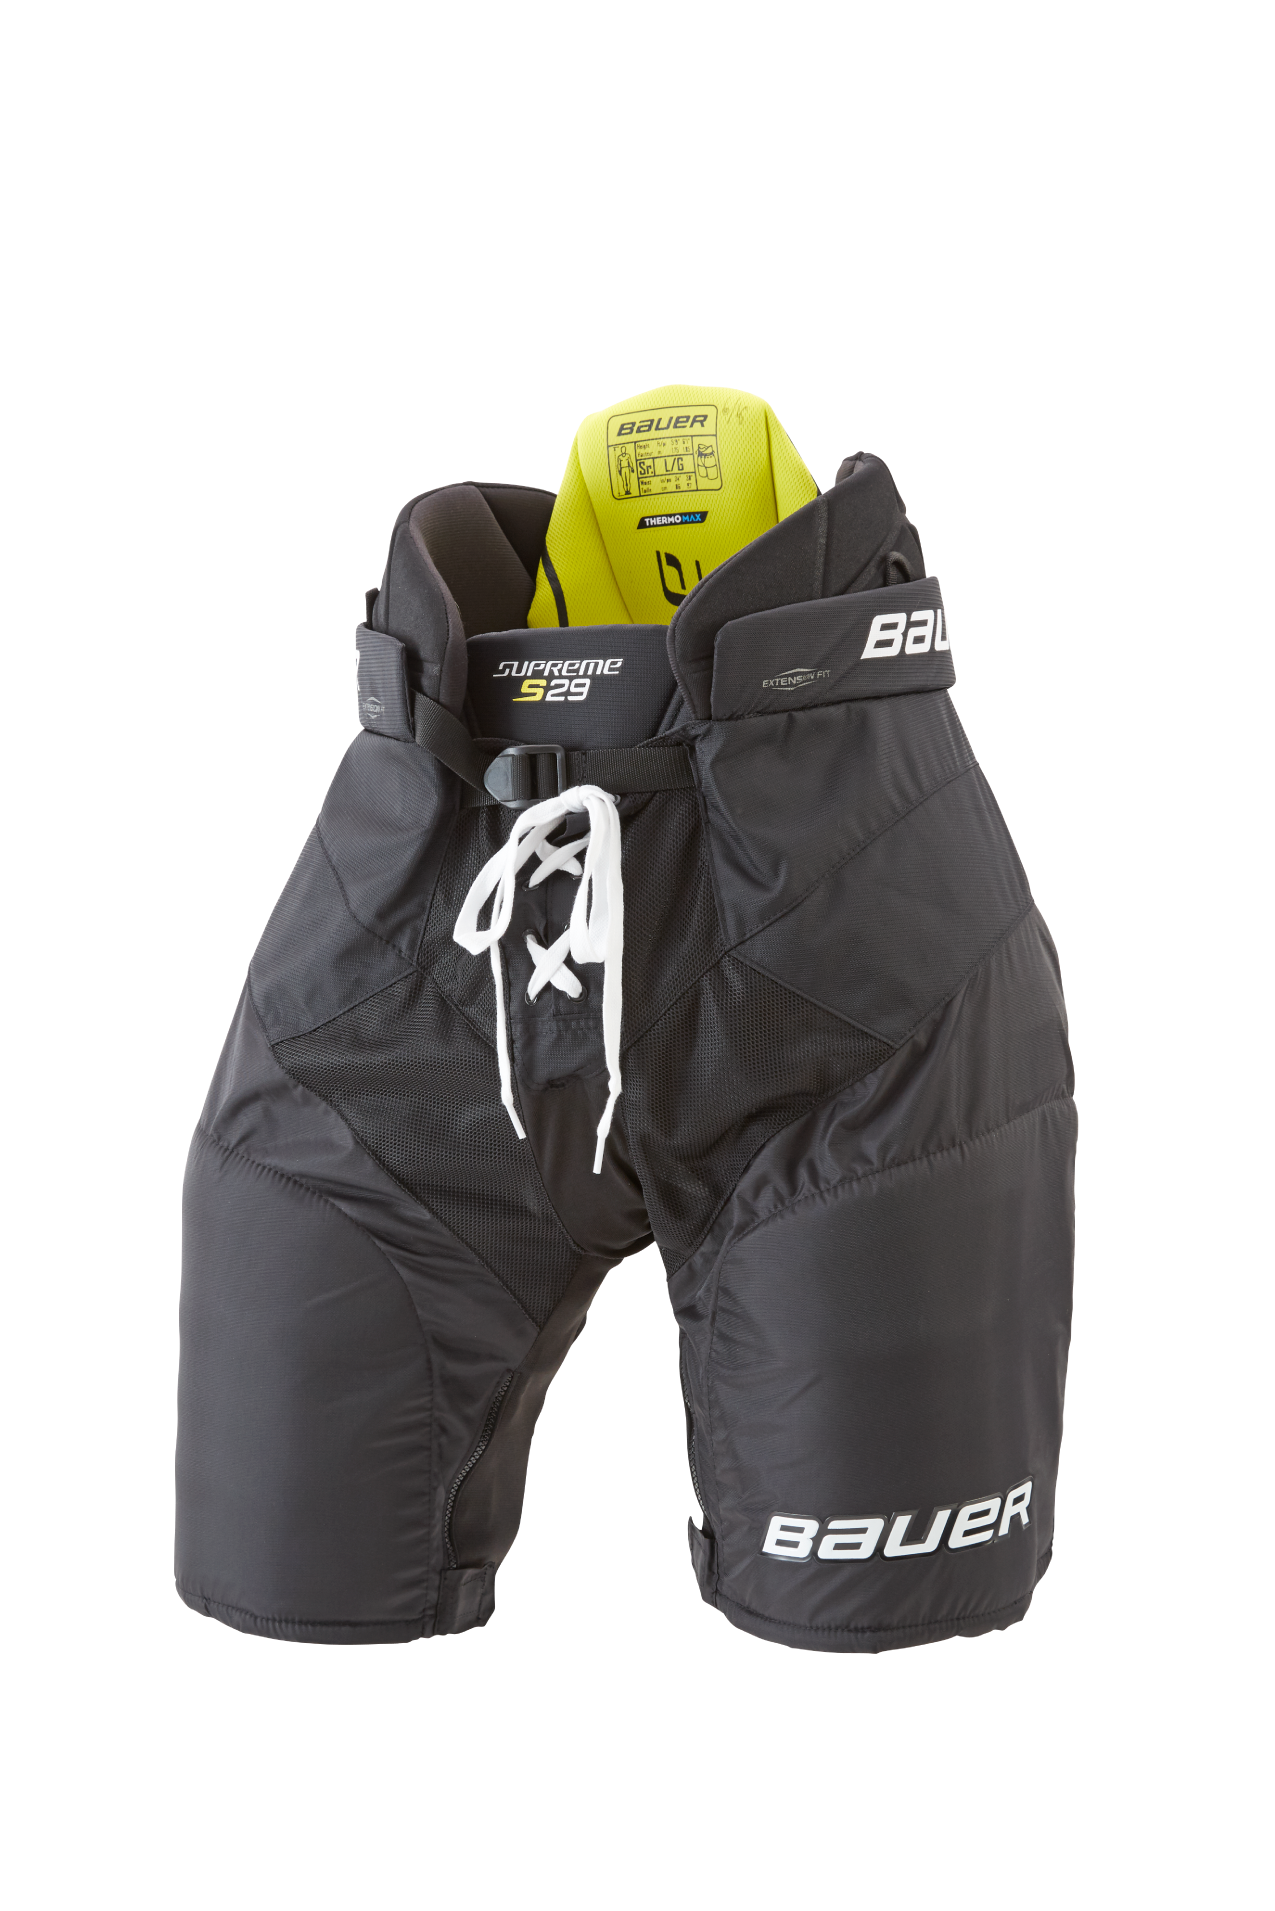 Bauer Supreme S29 SR